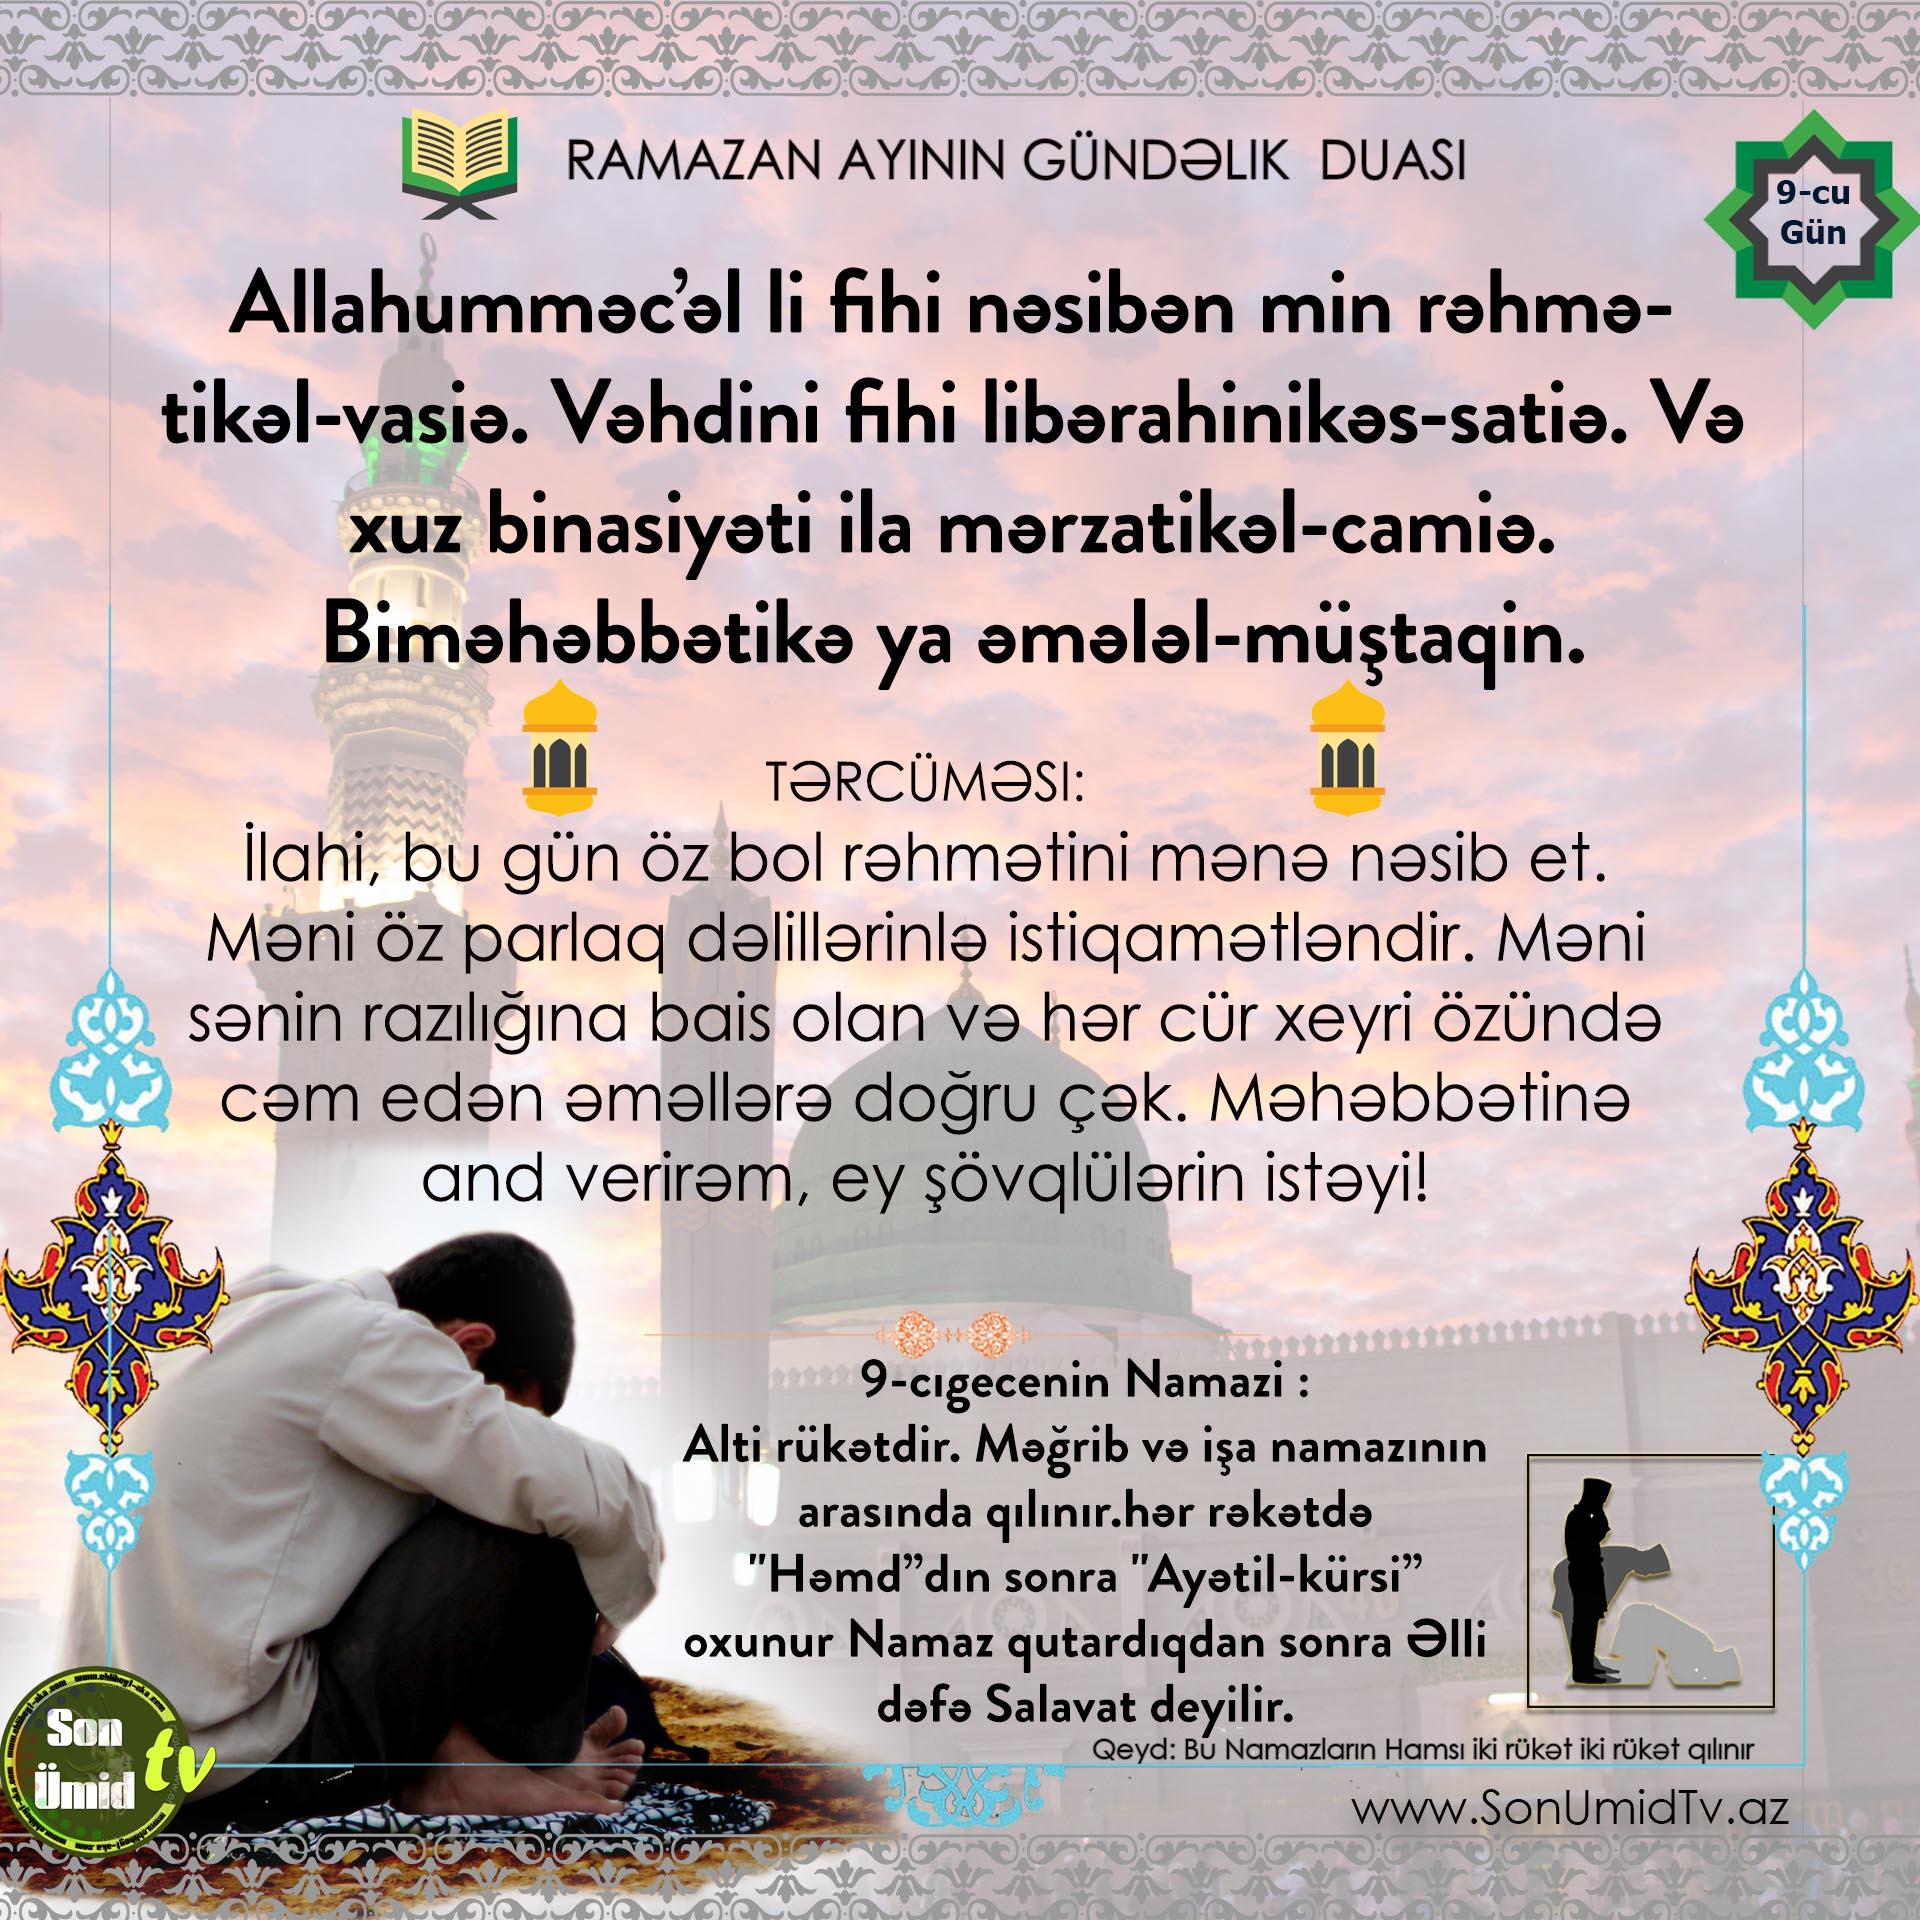 Ramazan  9-cu gününün duası və Namazı